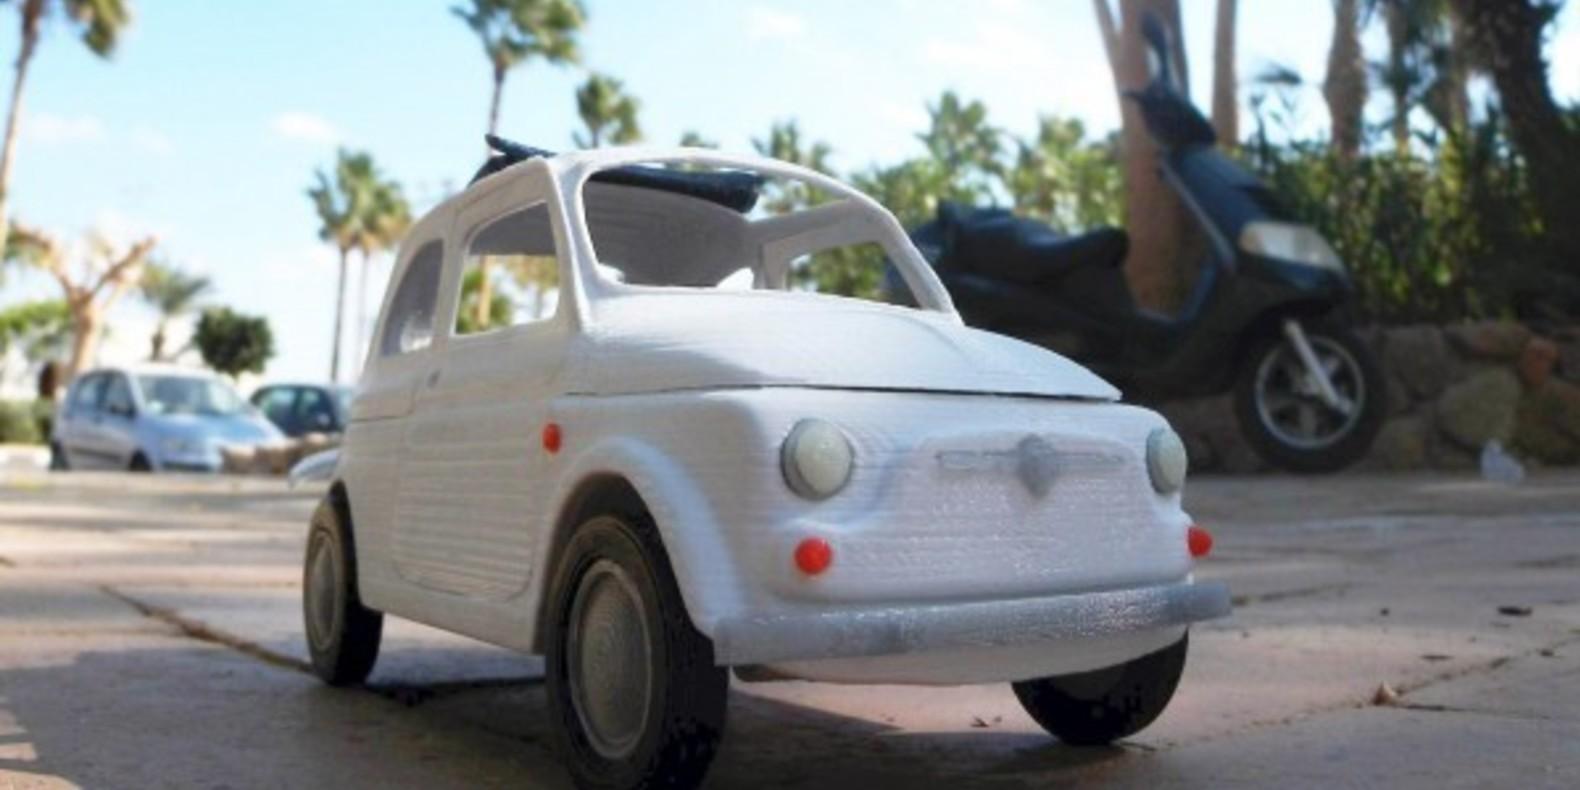 http://fichier3d.fr/wp-content/uploads/2015/01/Italian-Sixties-Car-1-Mao-Casella-Cults-e1421754102563.jpg